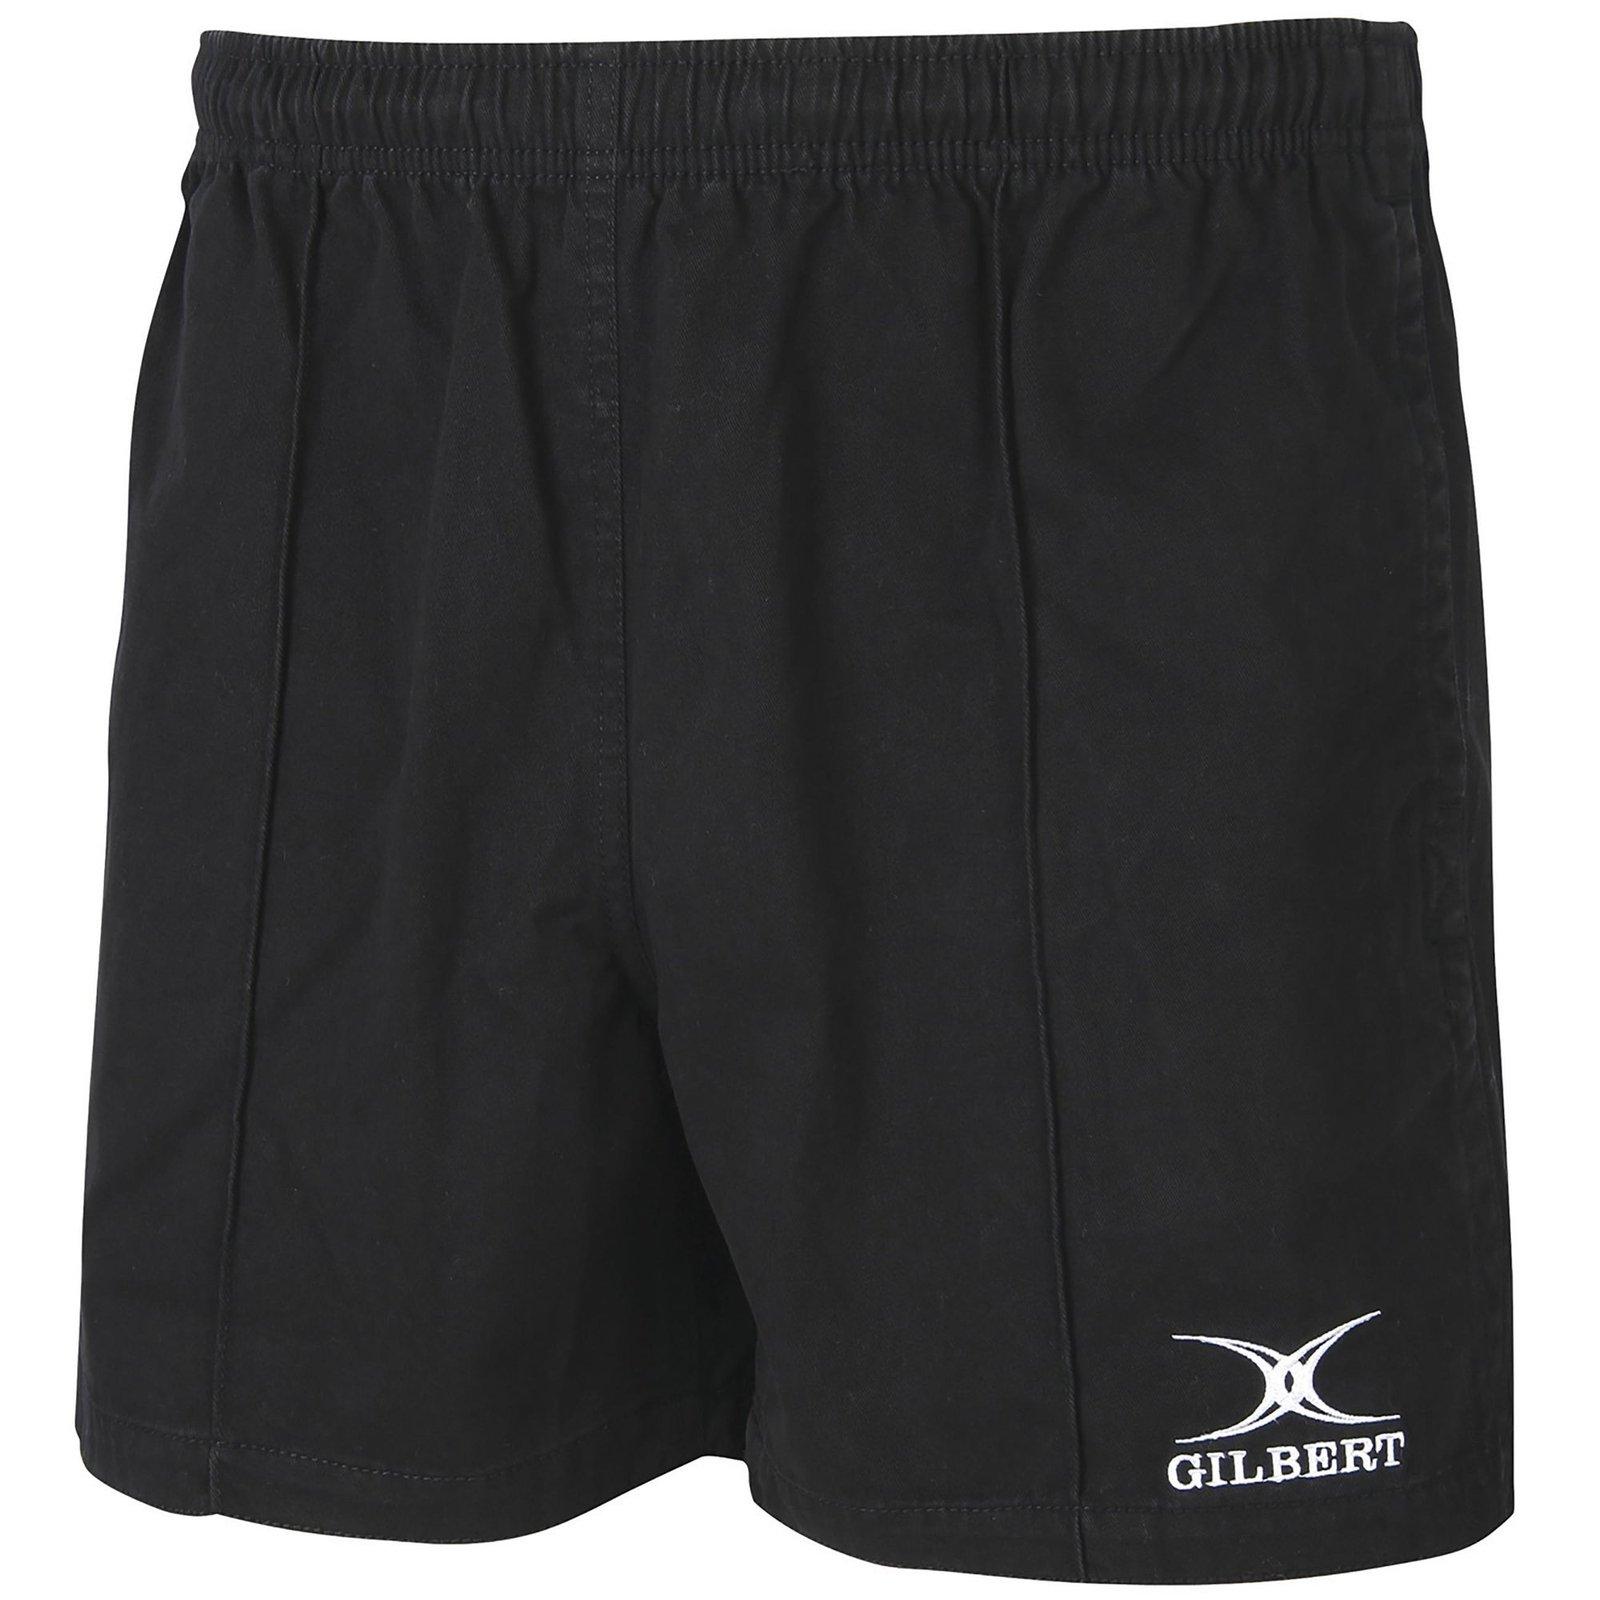 Kiwi pro shorts black 1 2000x